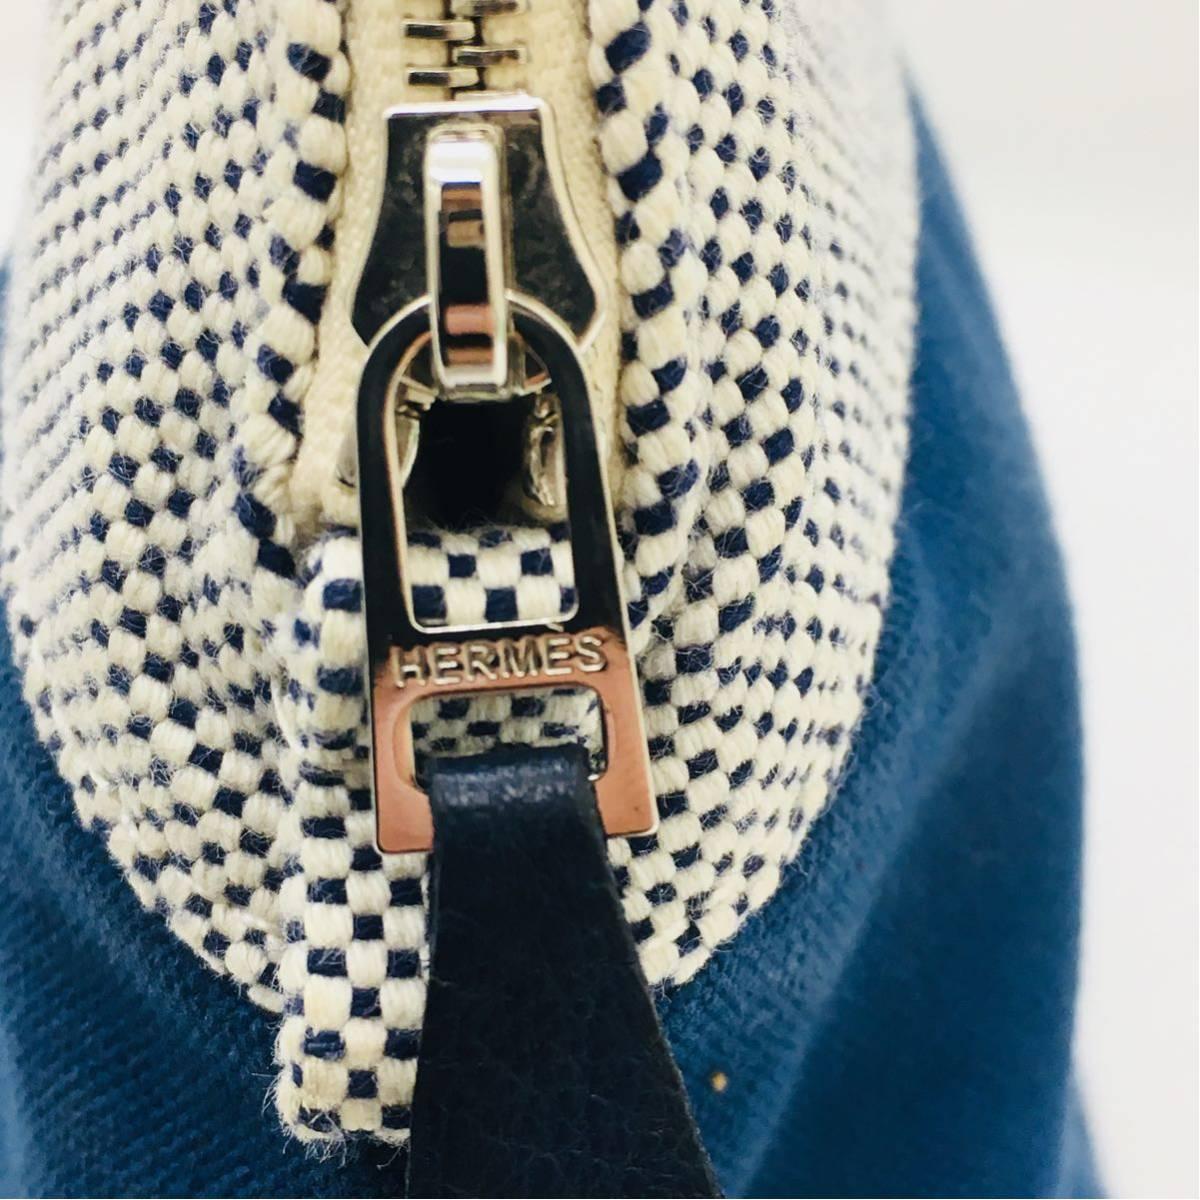 ◆エルメス HERMES ボリードポーチGM サマルカンド コットン レザー 化粧ポーチ レディース 青 インディゴ 美品 本物_画像9